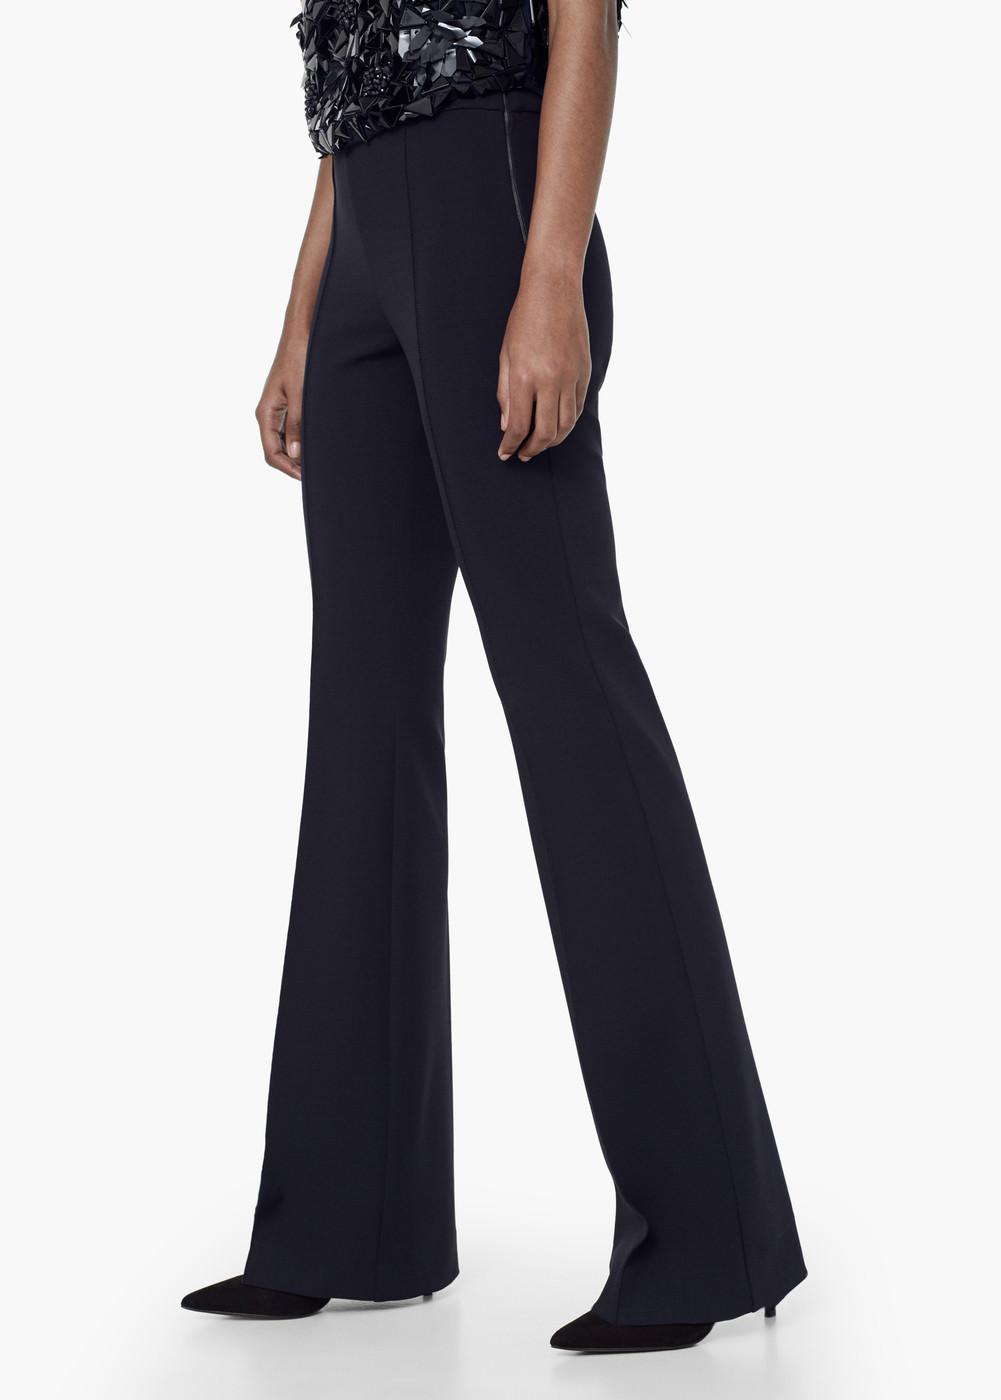 Premium - flared suit trousers - Women | MANGO